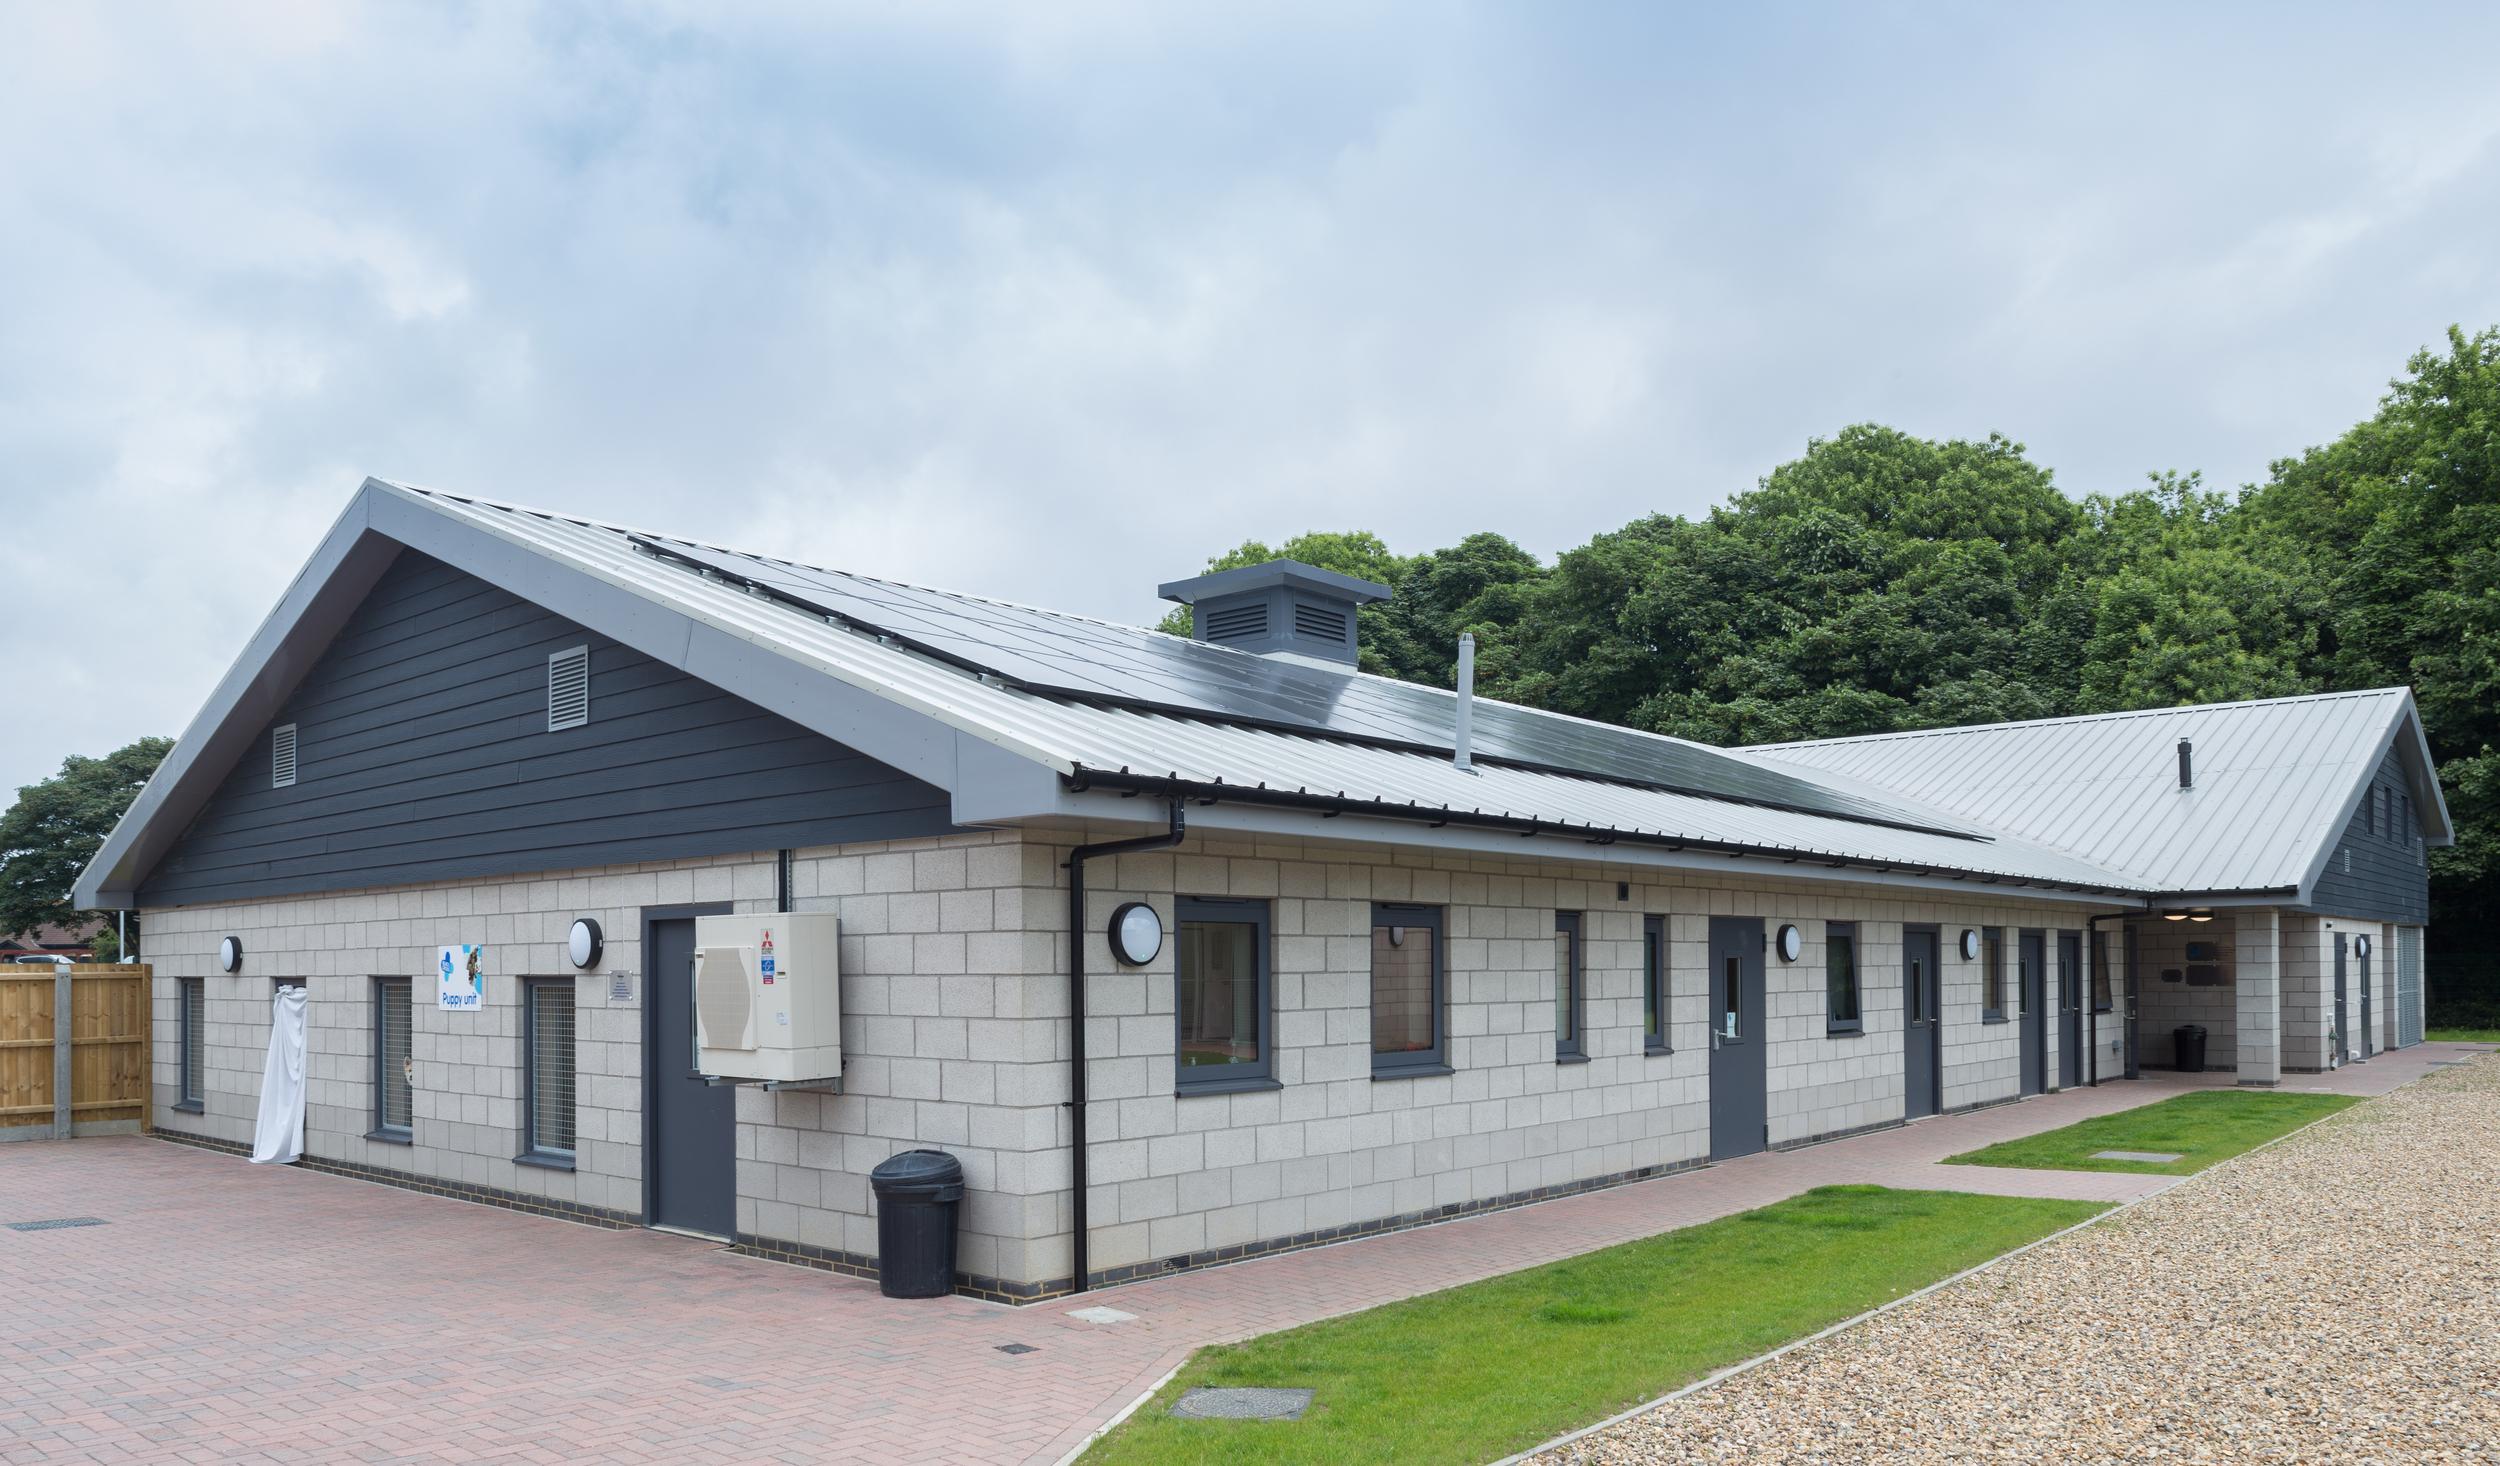 Client: Blue Cross   Structural Engineer: G C Robertson & Associates Ltd   Mechanical & Electrical: Bedwells   Quantity Surveyor: Gill Associates Ltd